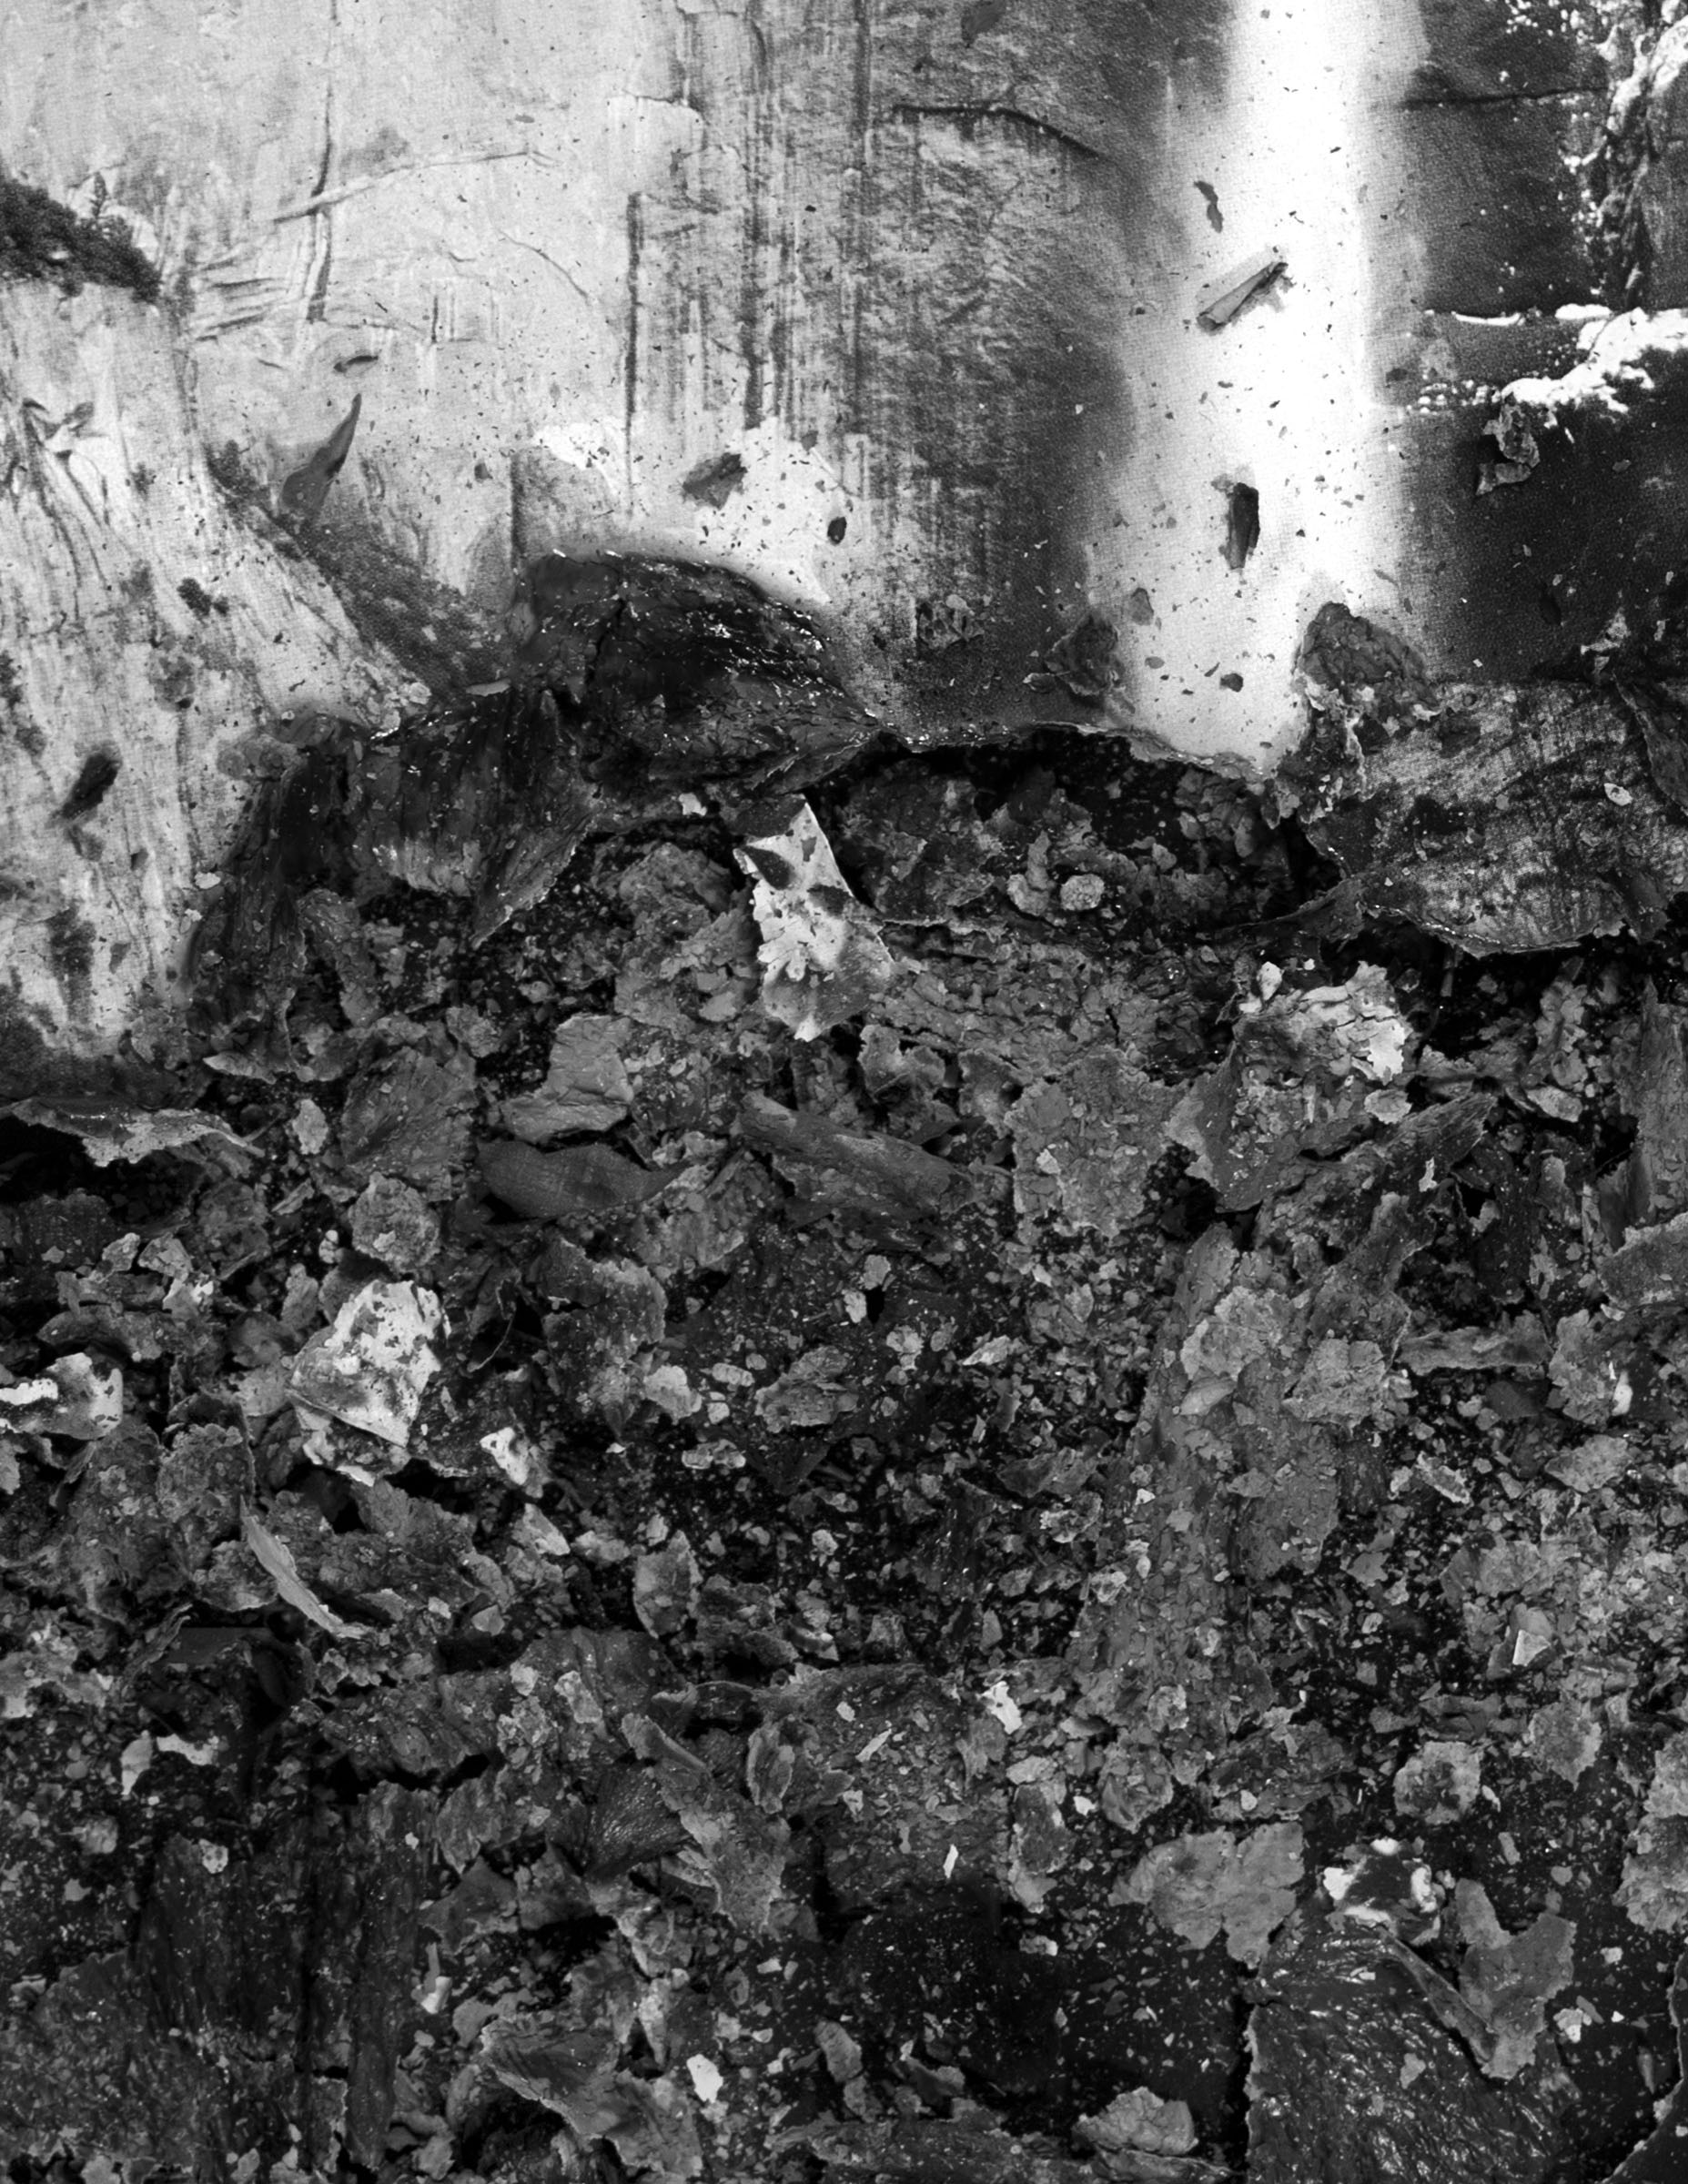 """BESSMA KHALAF (detail)  Burnout (Bridal Veil Falls) , 2019 Archival pigment print 14"""" x 10"""", Edition of 3 with 1AP"""